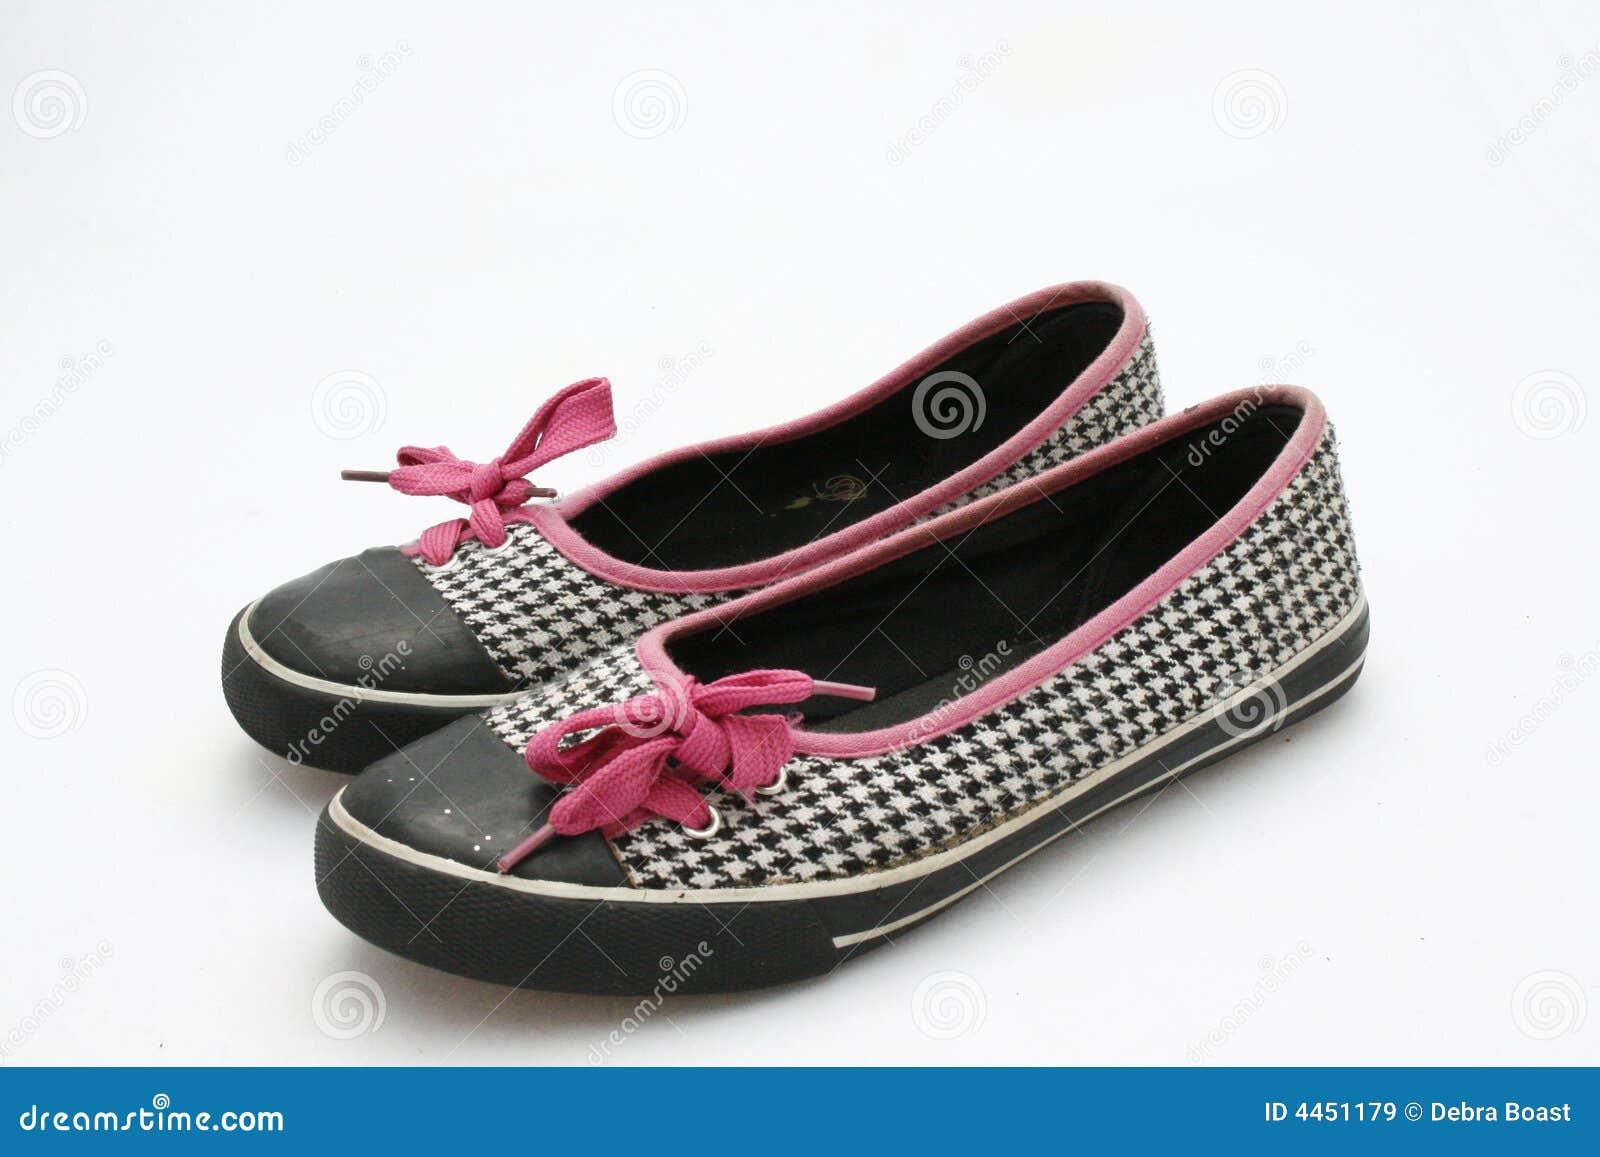 Jugendlich Schuhe